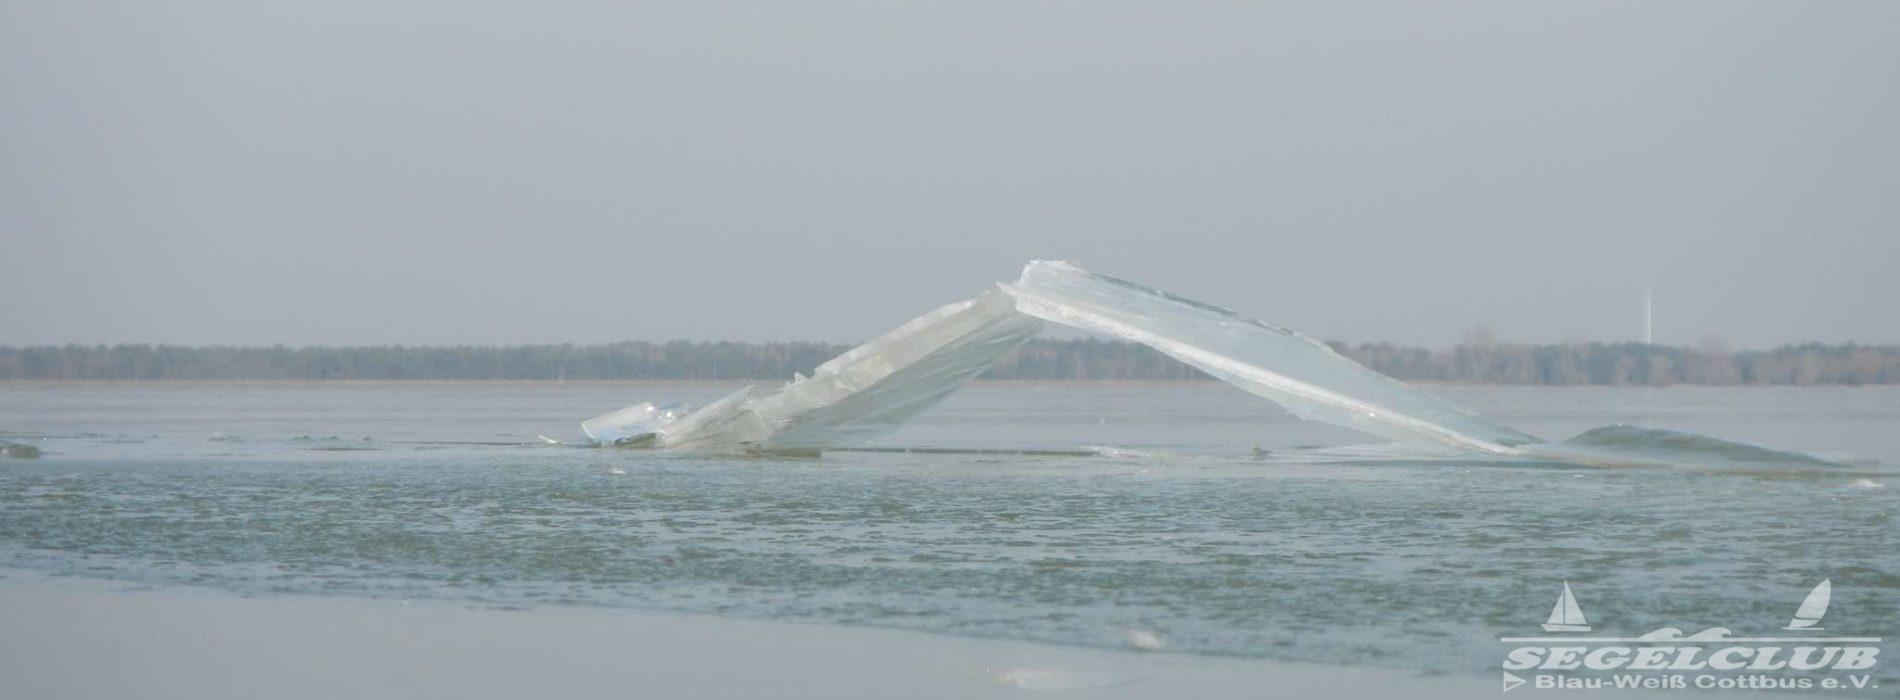 Knackige Kälte lässt den See zu frieren